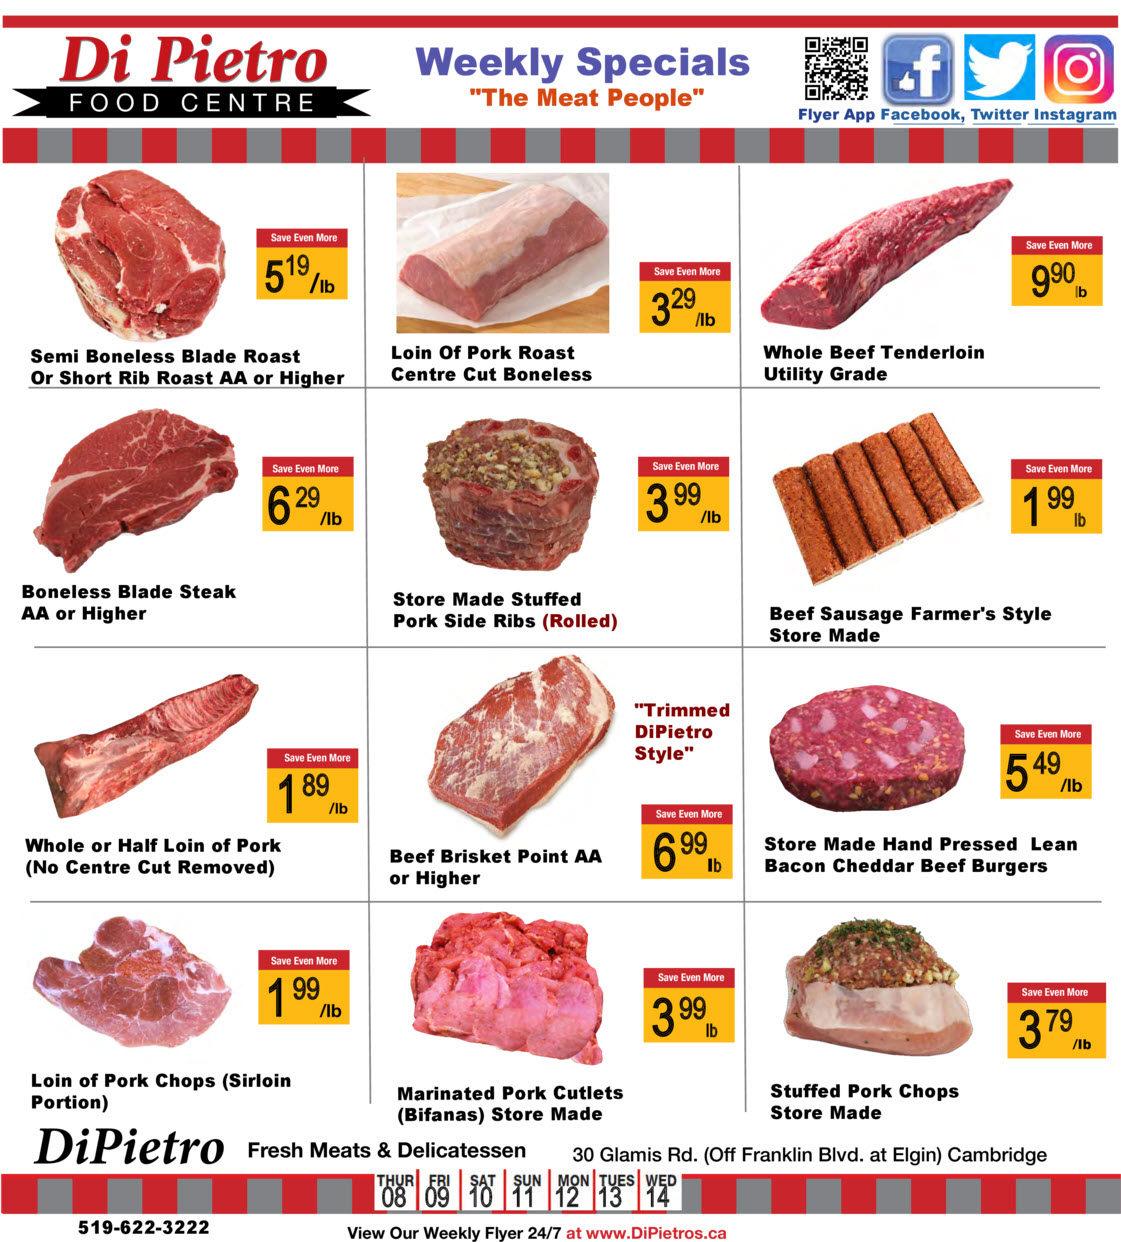 DiPietro - Weekly Flyer Specials - Page 3